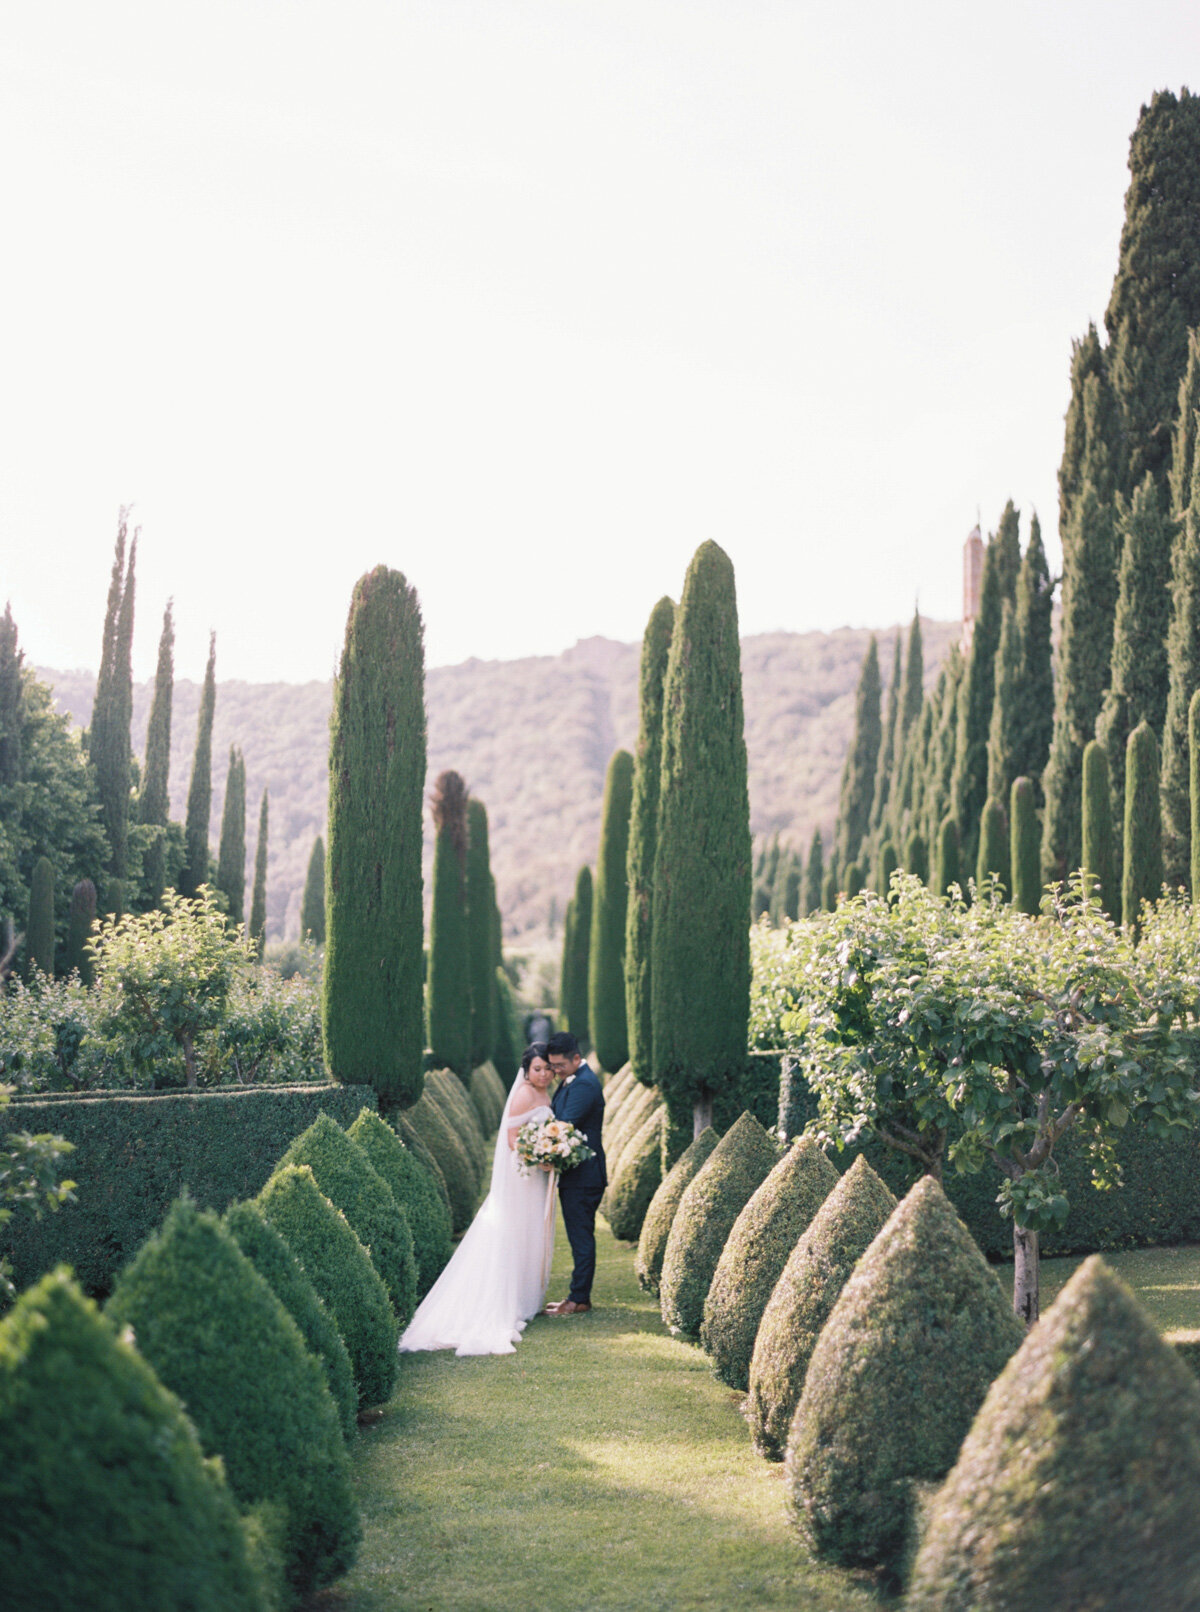 Villa-Cetinale-Tuscany-Katie-Grant-destination-wedding (91 of 115).jpg